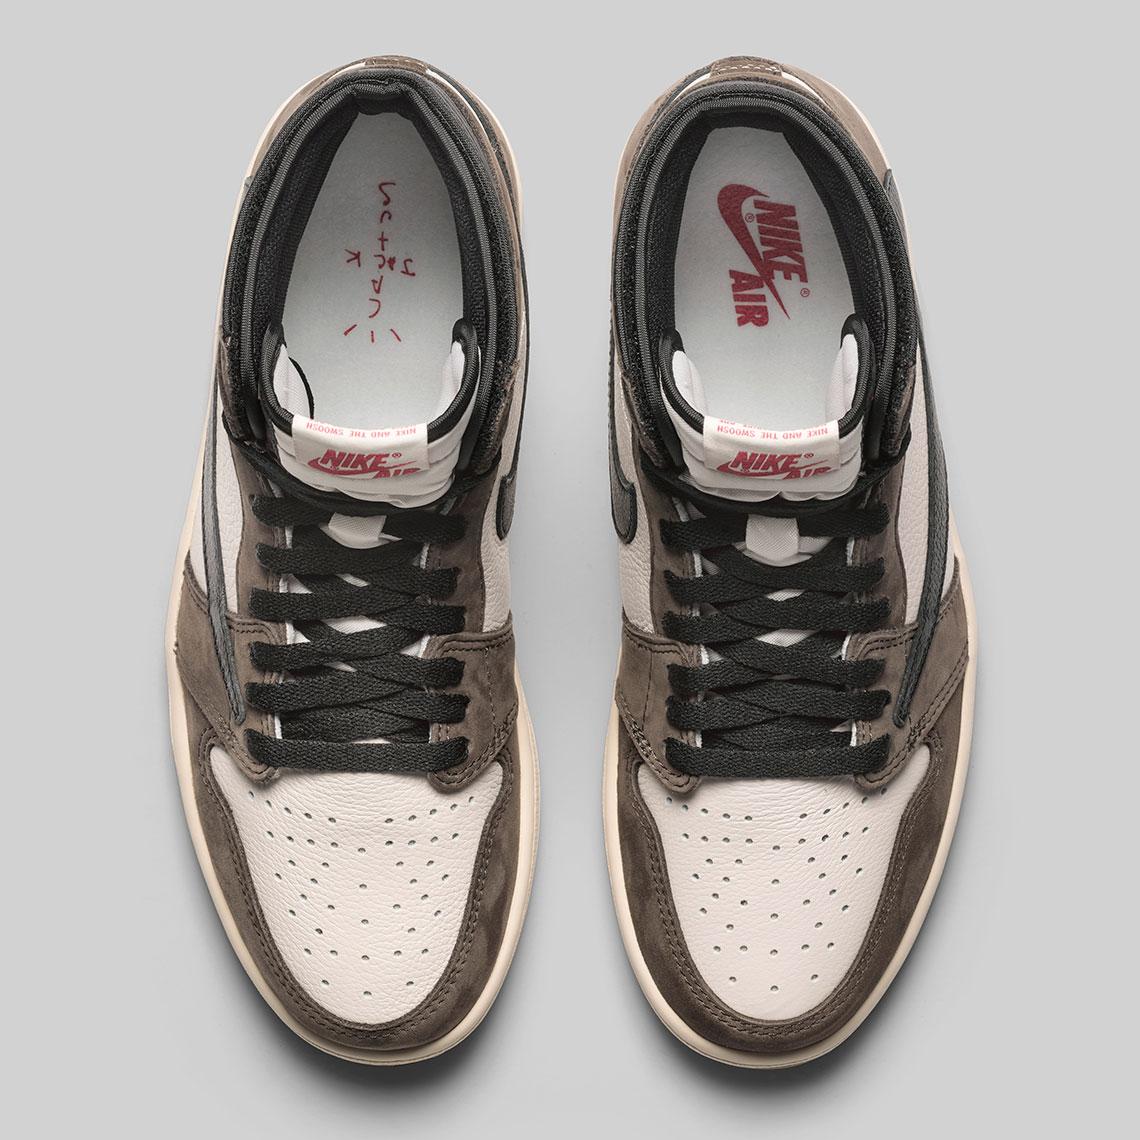 Delgado Prima cortesía  Travis Scott Air Jordan 1 Official Release Date   sneakerNews.com